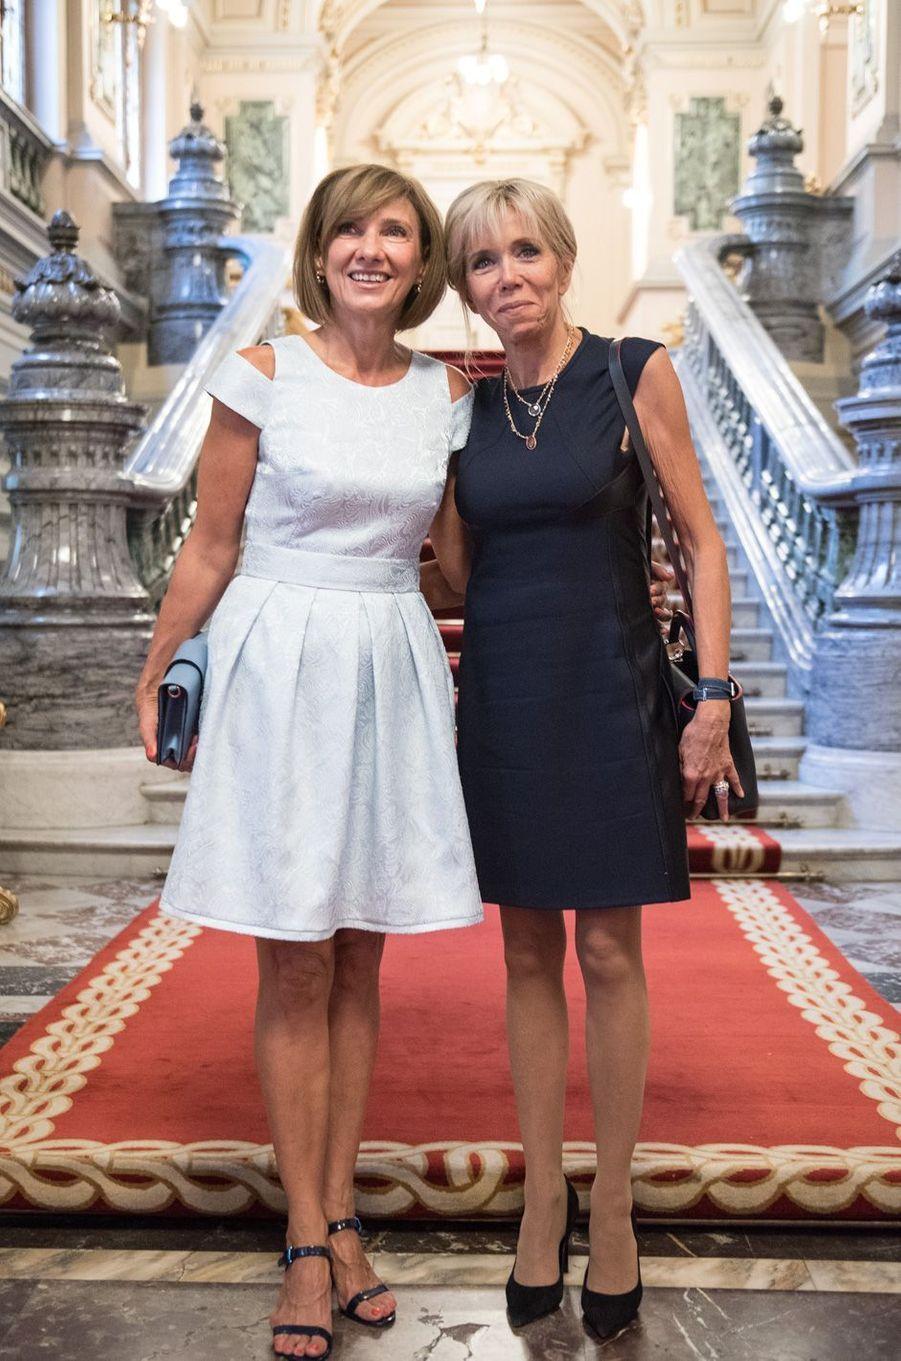 CarmenIohannis etBrigitte Macronau palais Cotroceni à Bucarest.